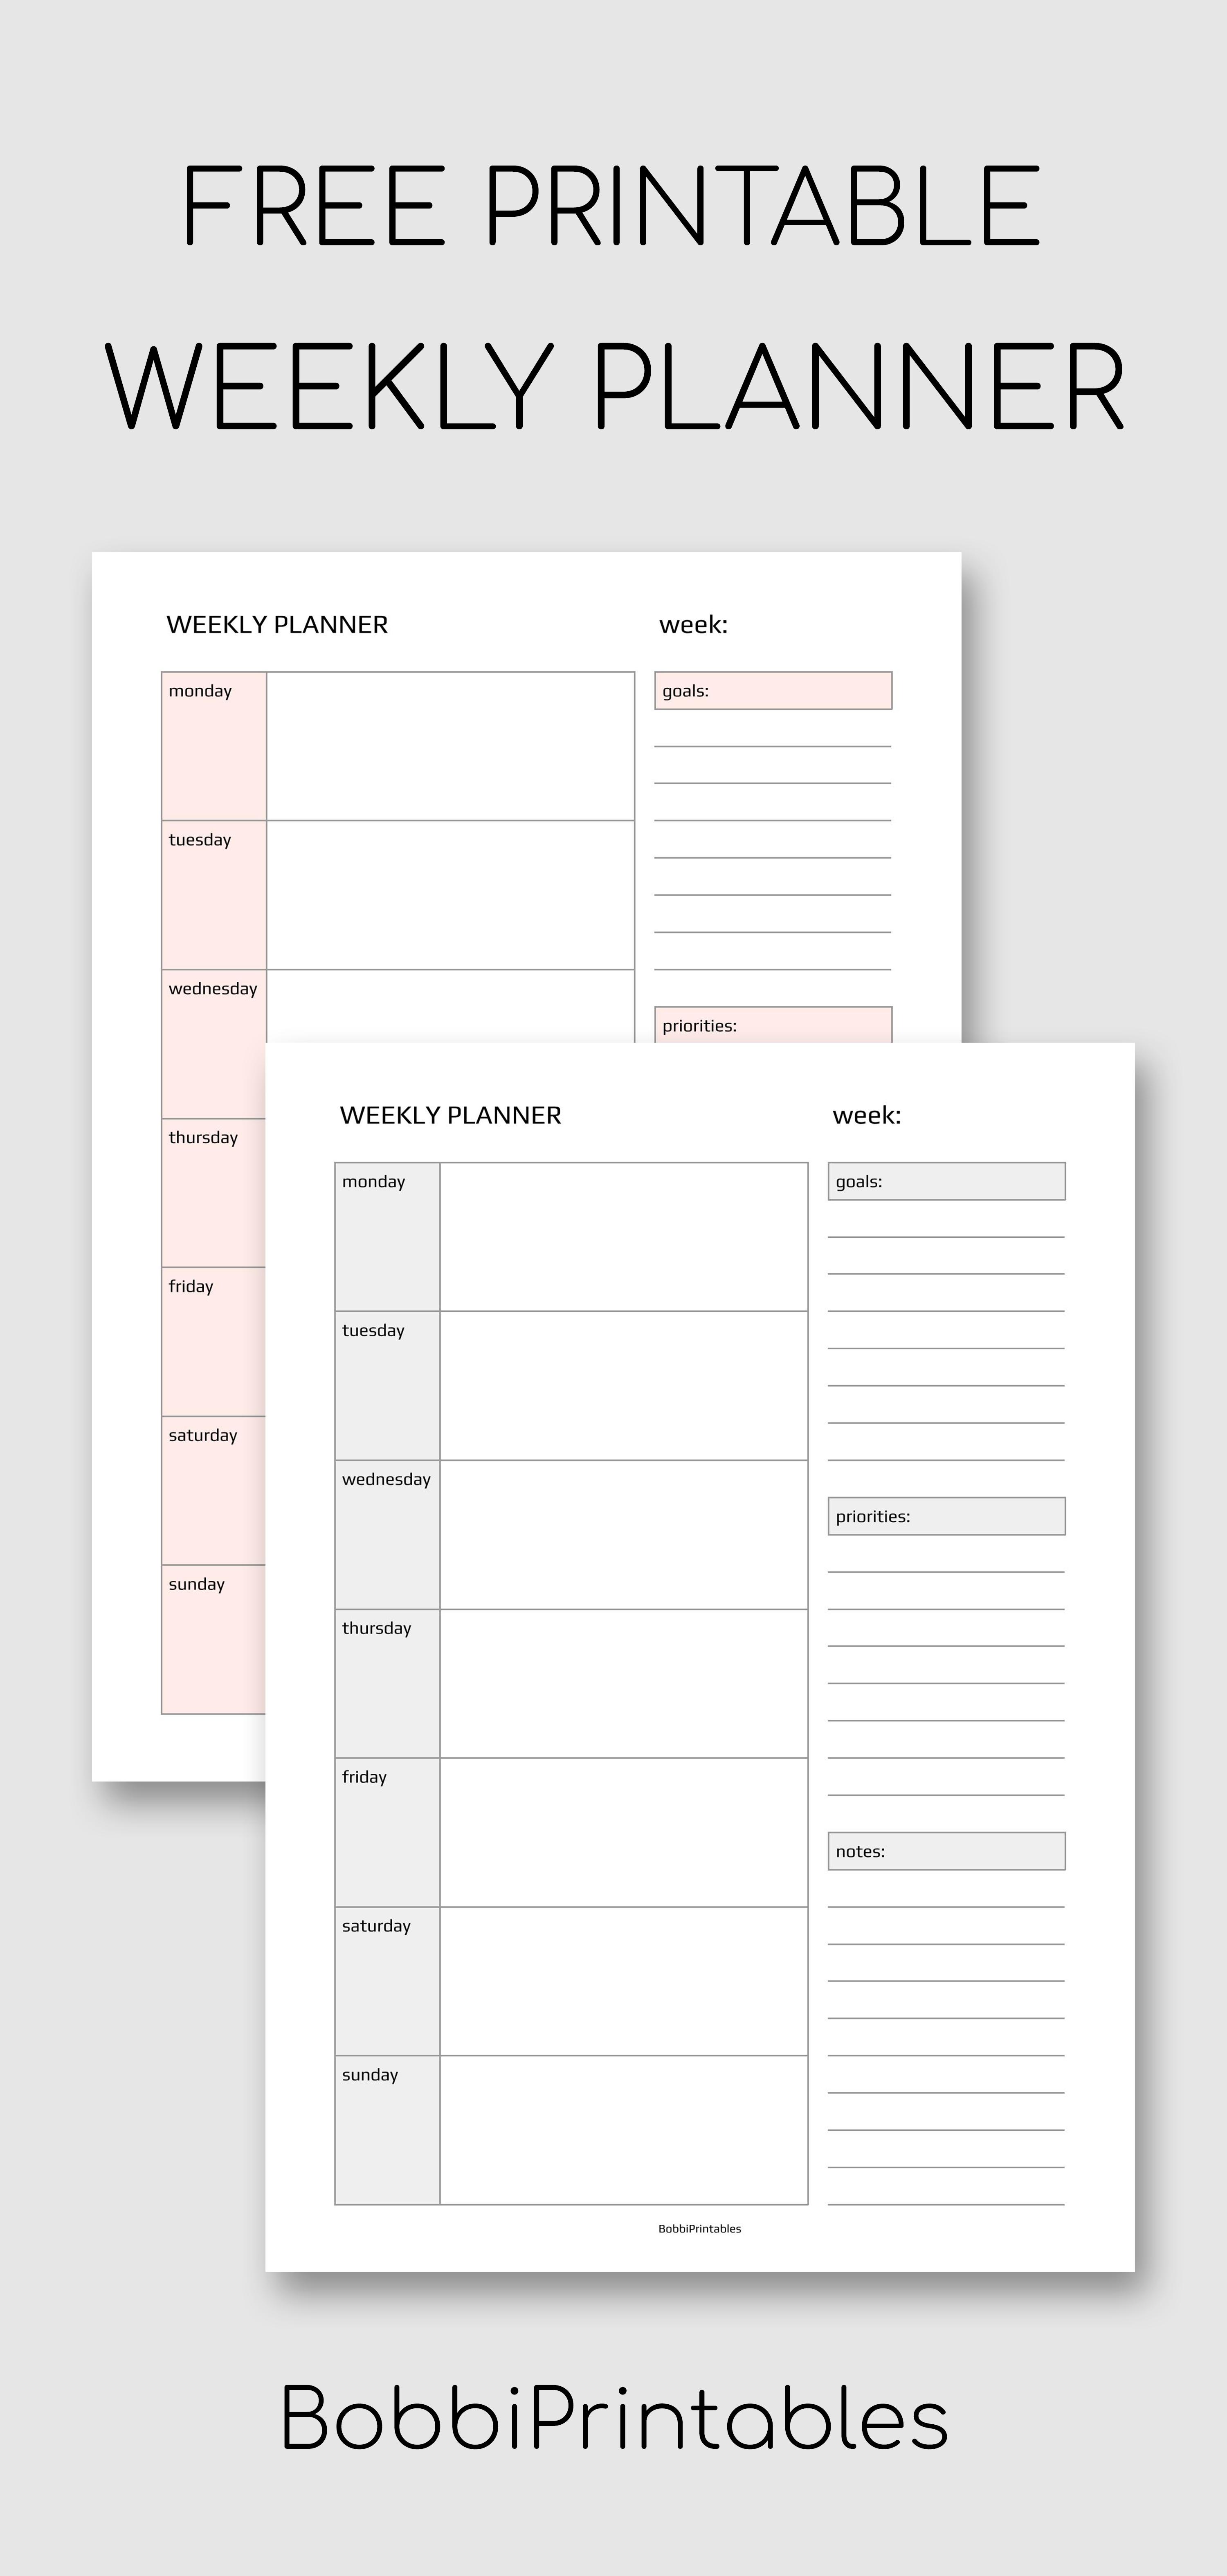 Weekly Planner Printable Weekly Planner Free Printable Weekly Planner Printable Planner Printables Free